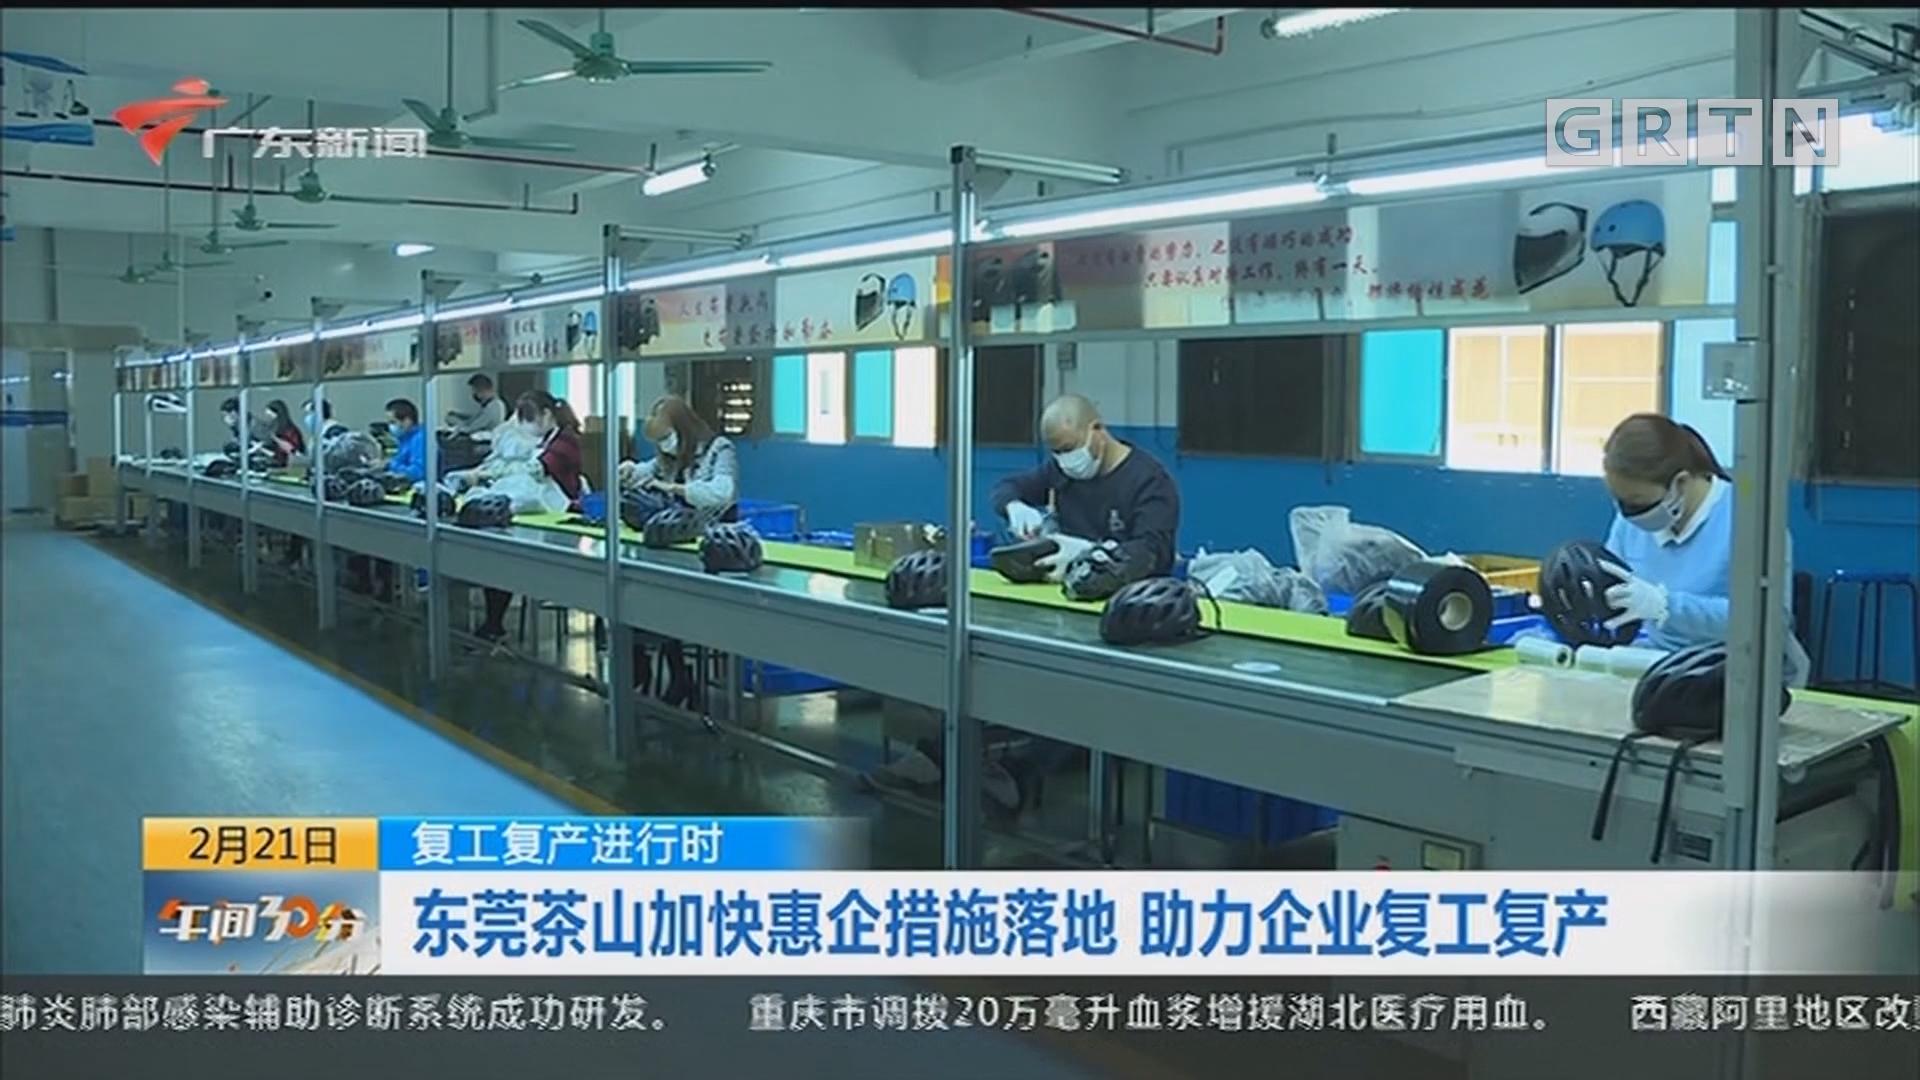 复工复产进行时:东莞茶山加快惠企措施落地 助力企业复工复产